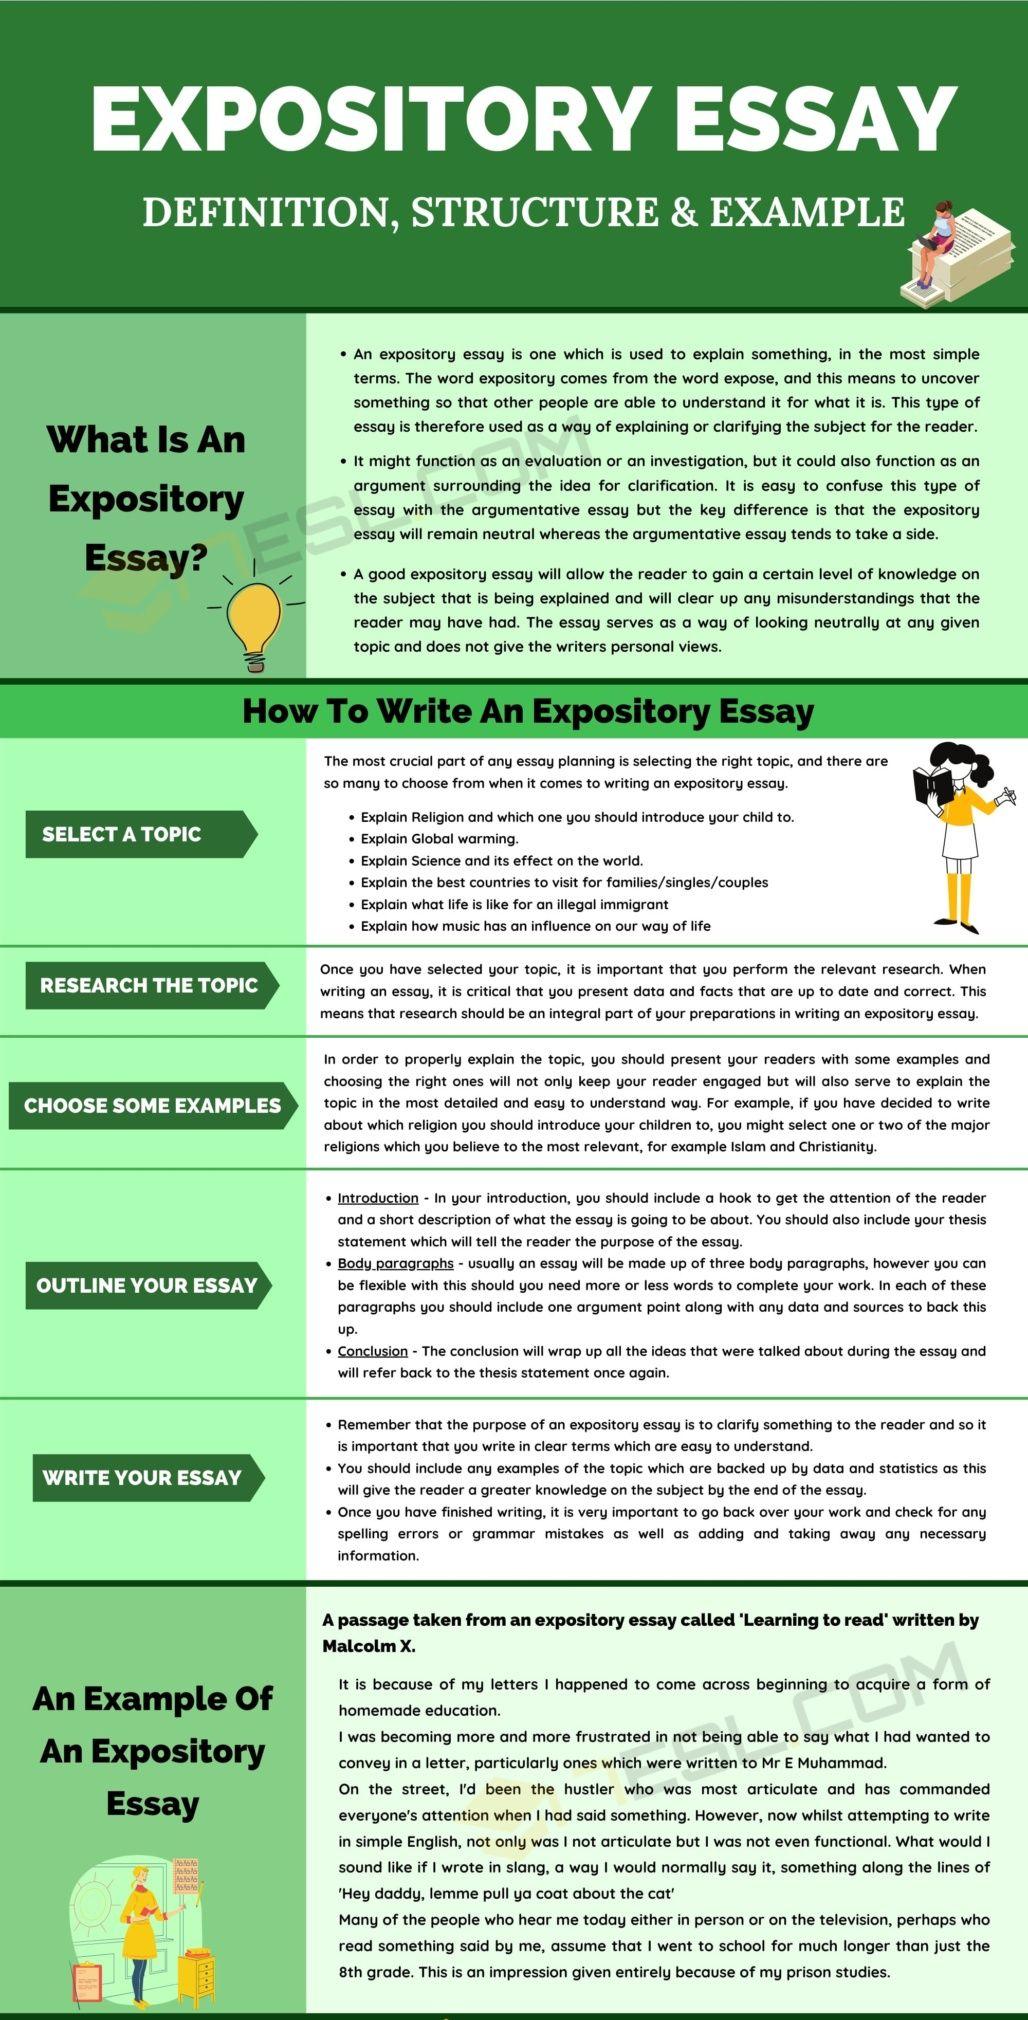 100 College Essay Writing Service Edubirdie Com Ideas In 2021 Essay Writing Writing Services College Essay